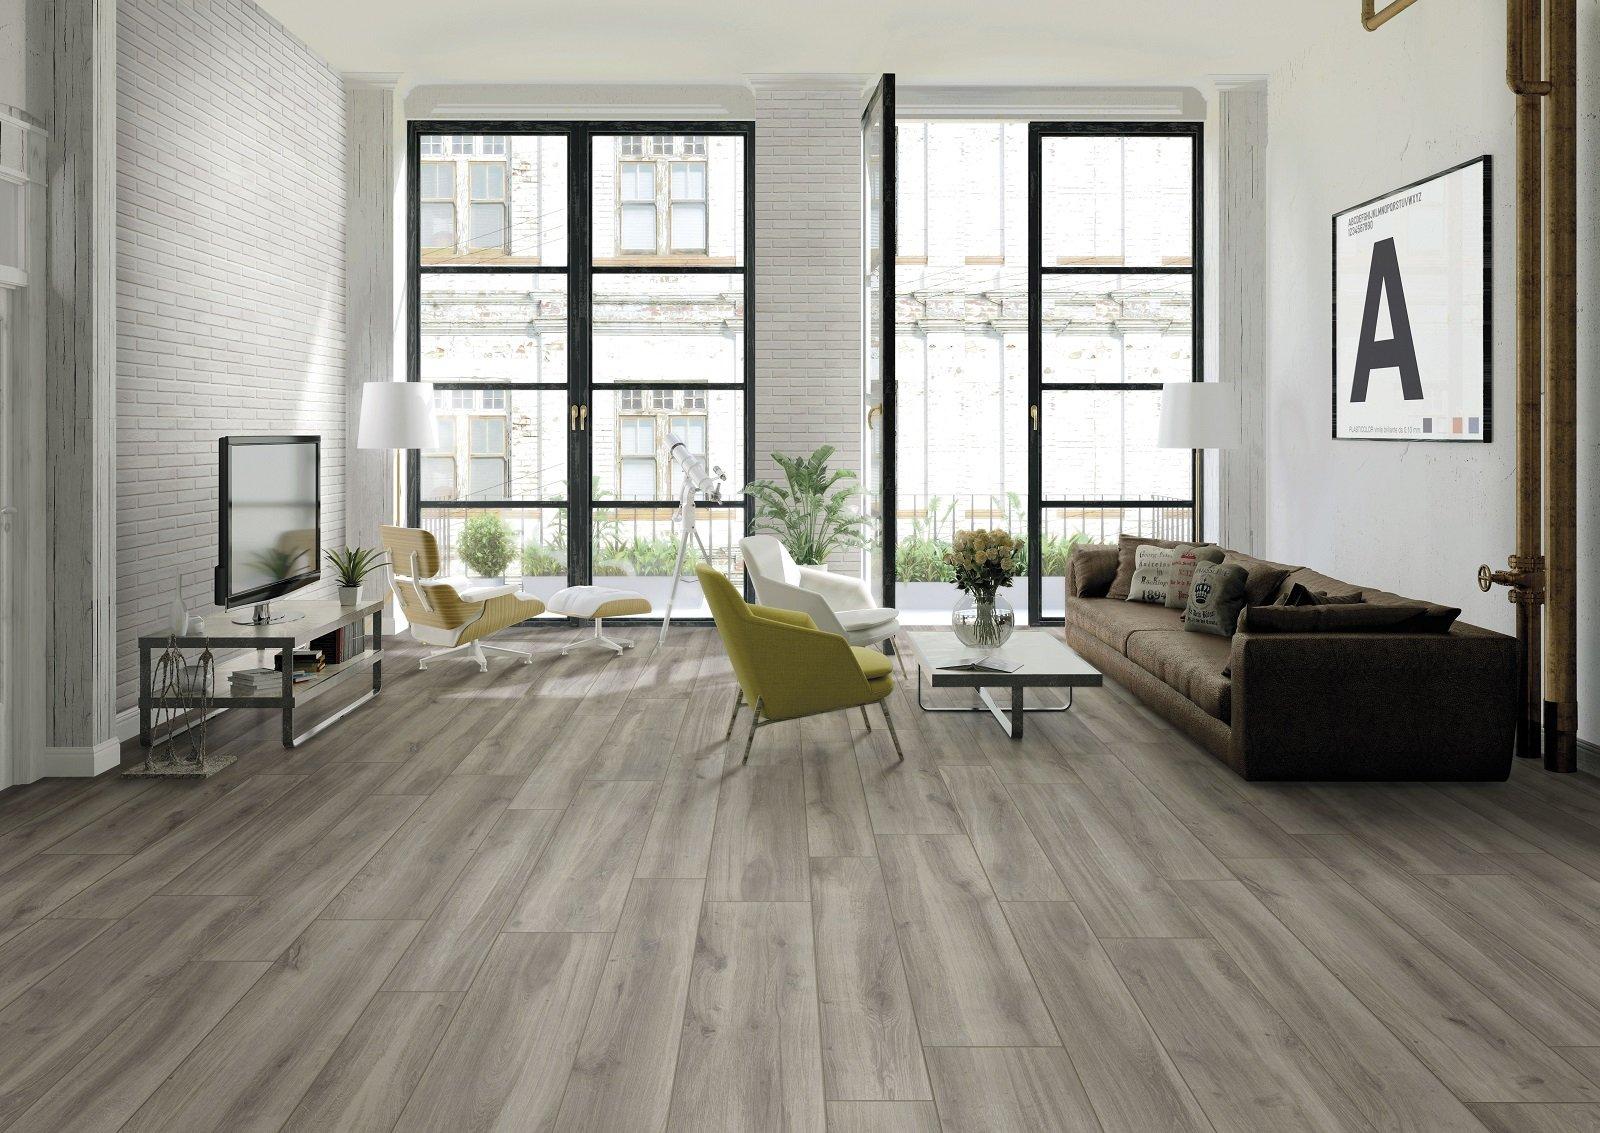 Pavimenti per il soggiorno: marmo, effetto marmo ed estetica legno - Cose di Casa